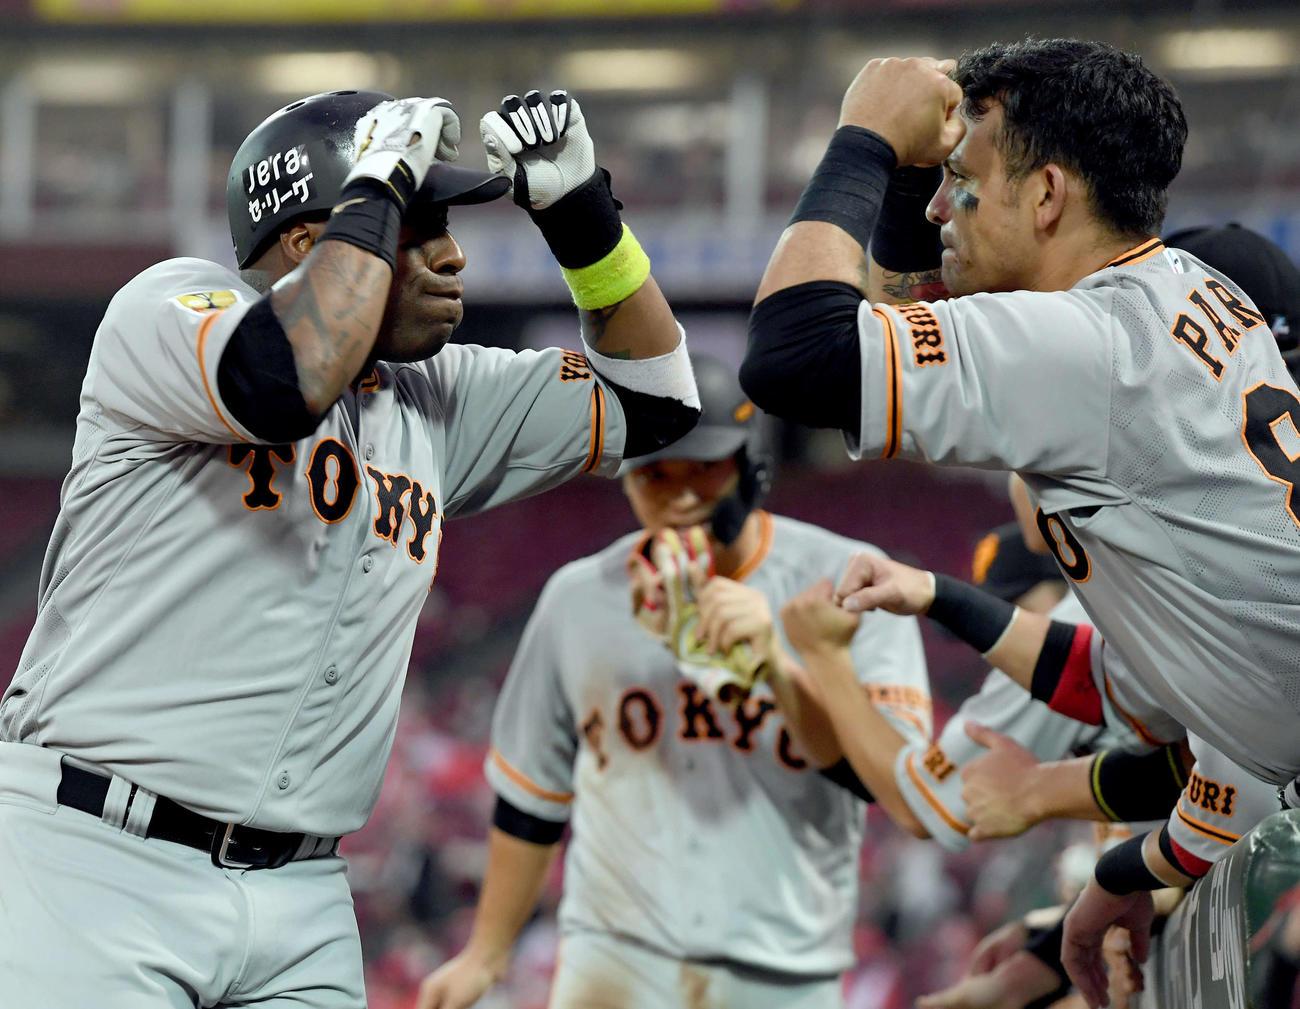 広島対巨人 5回表巨人1死一塁、今季1号の2点本塁打を放ったウィーラー(左)はパーラと一緒にポーズを決める(撮影・たえ見朱実)